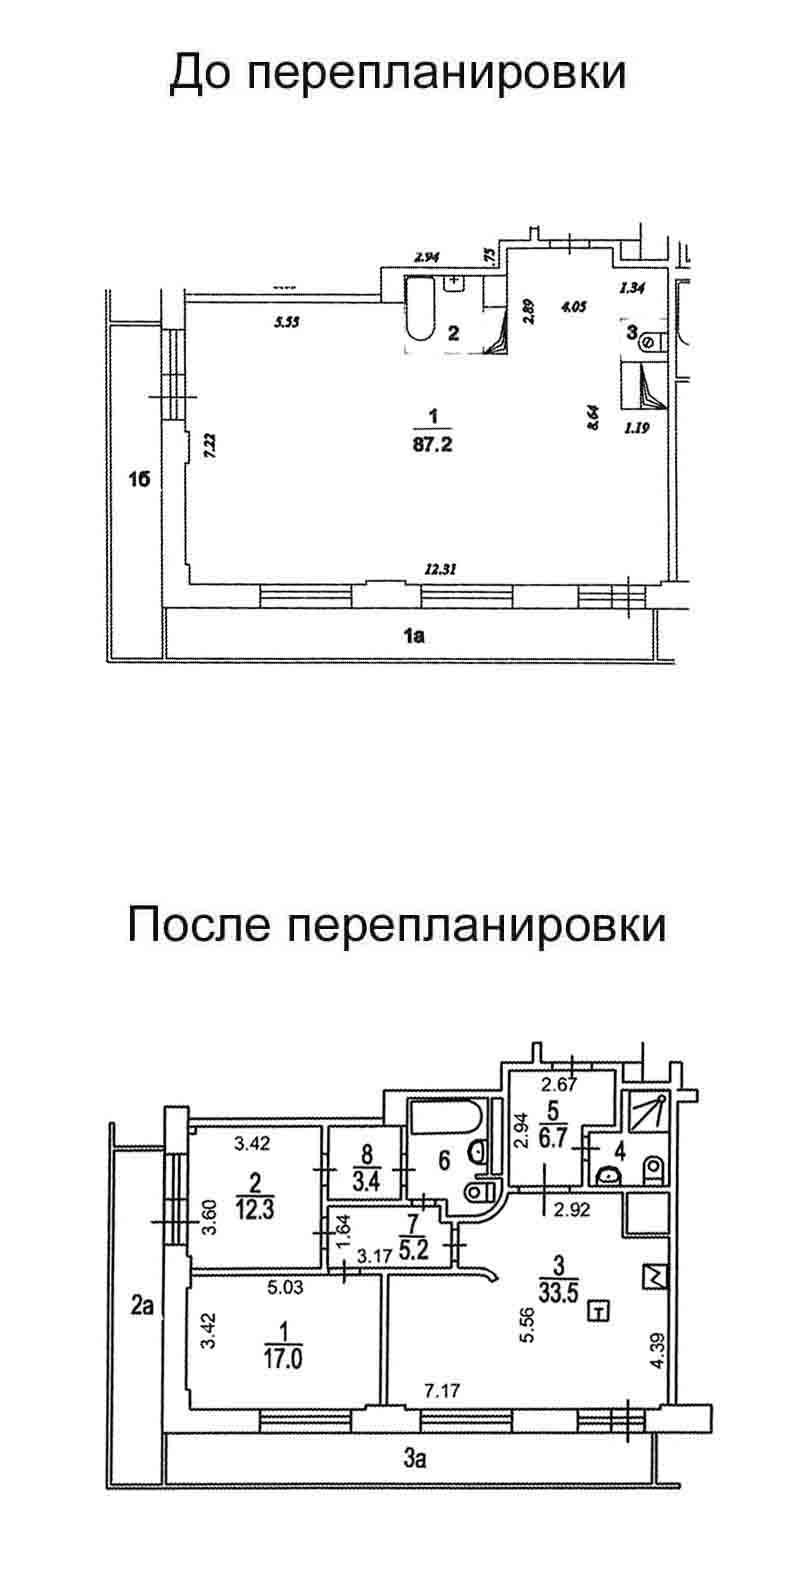 Схема переустройства и перепланировки жилых помещений